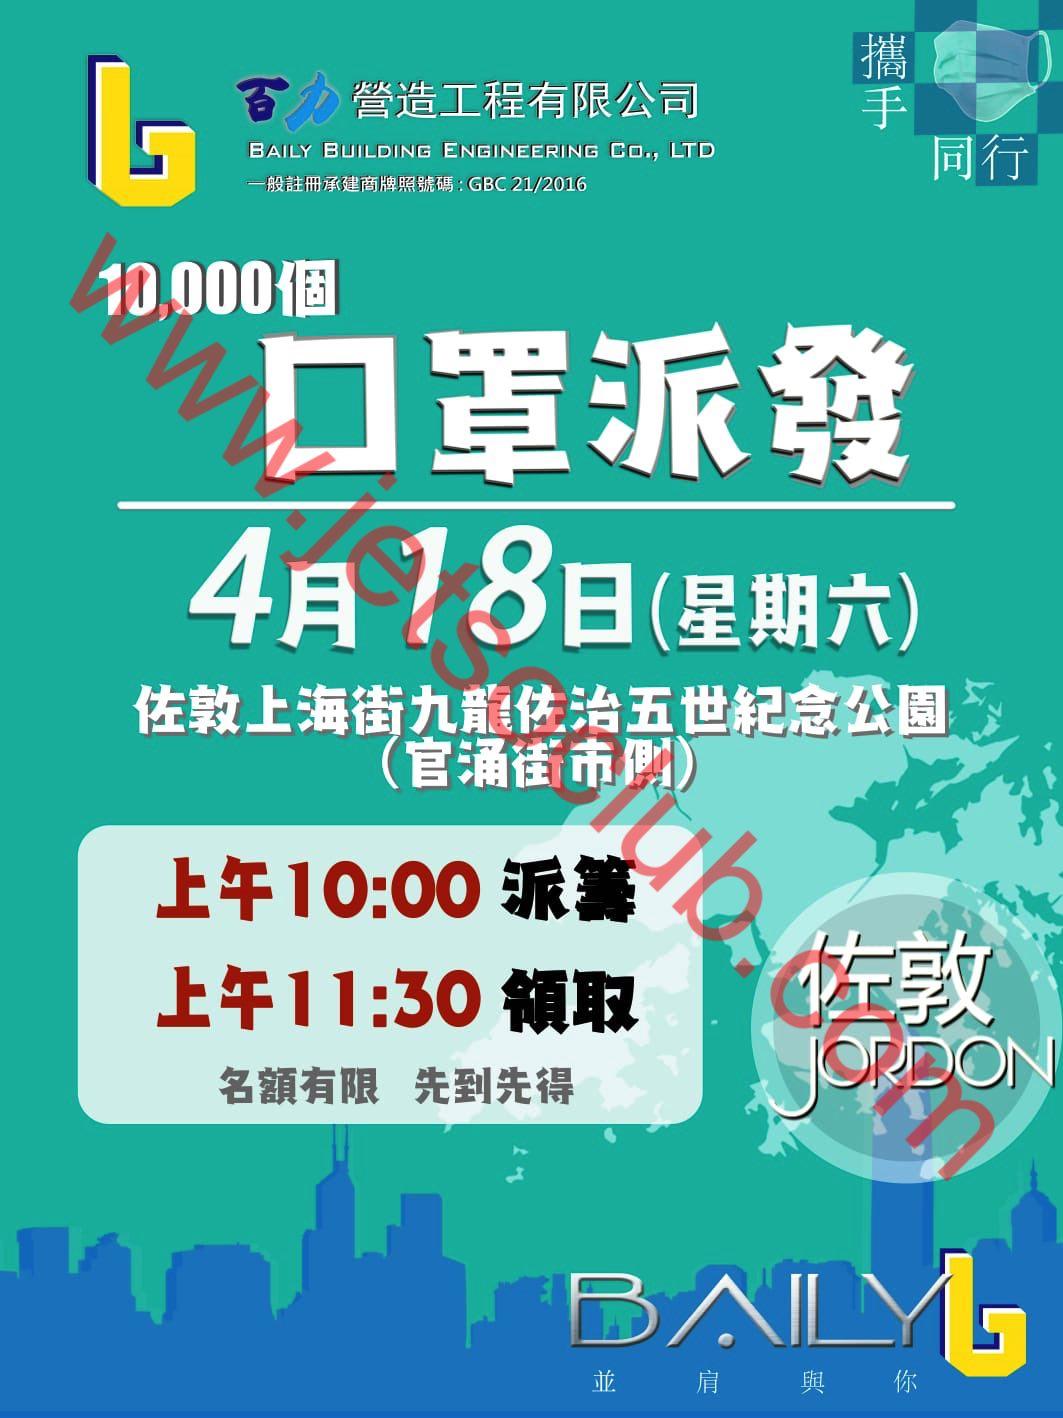 百利營造工程:免費派發口罩 @佐敦(18/4 10:00) ( Jetso Club 著數俱樂部 )